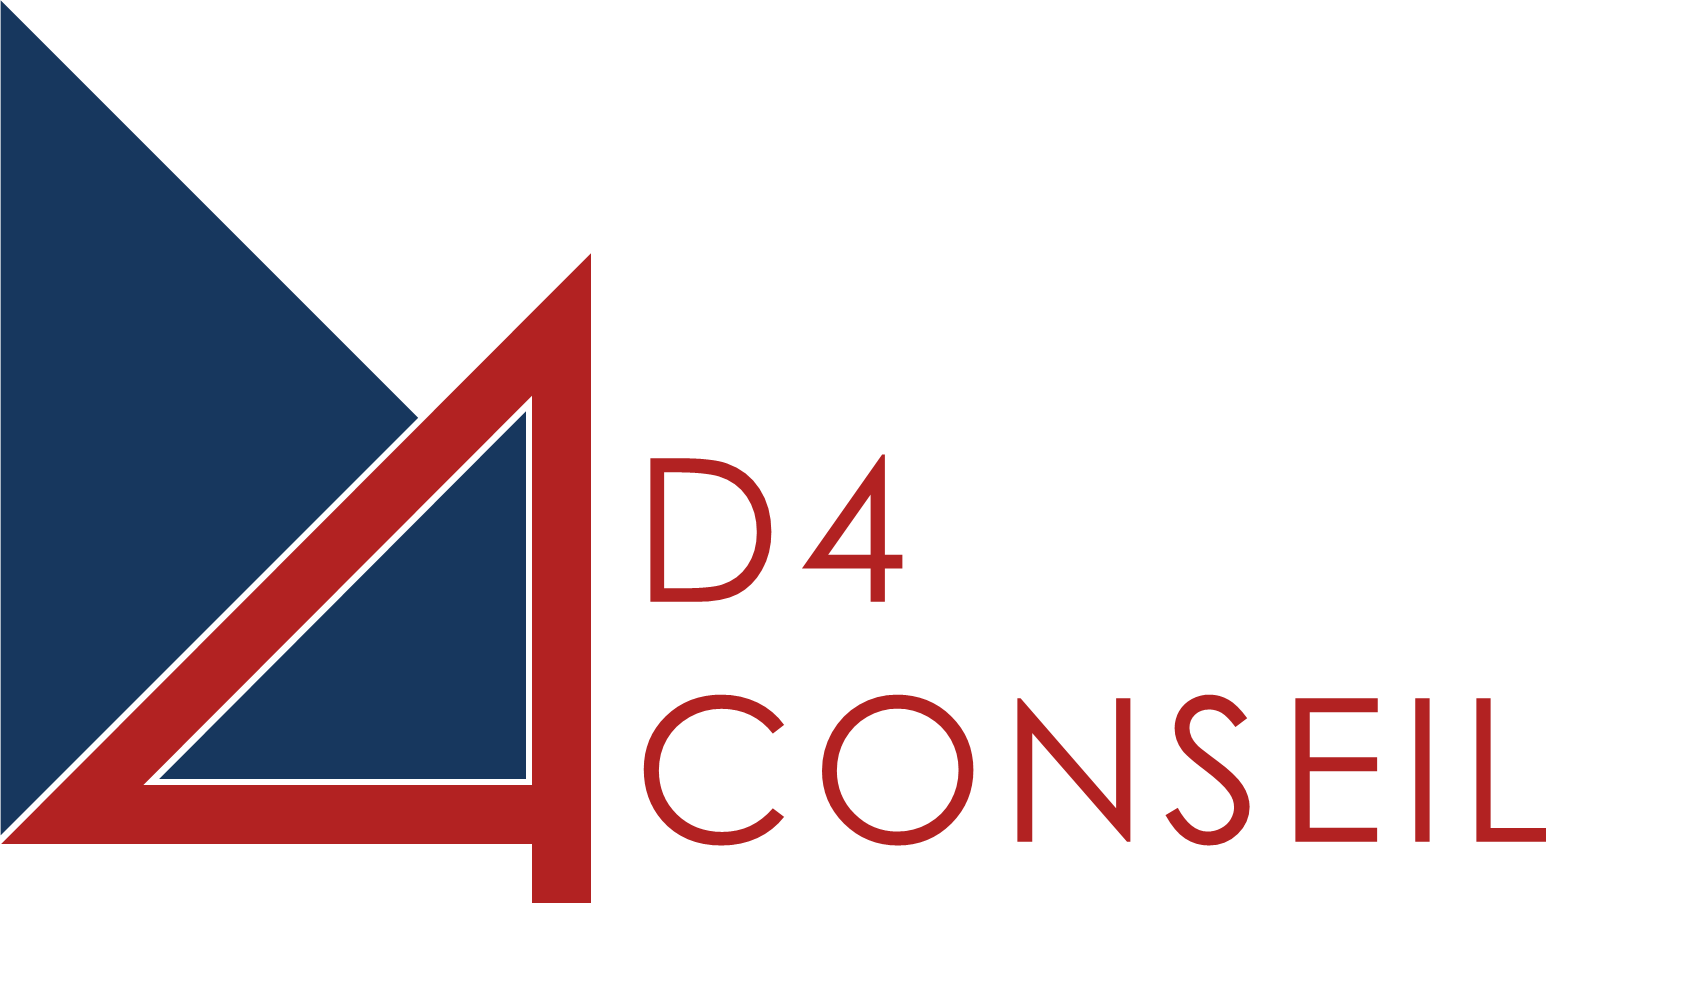 Logo D4C